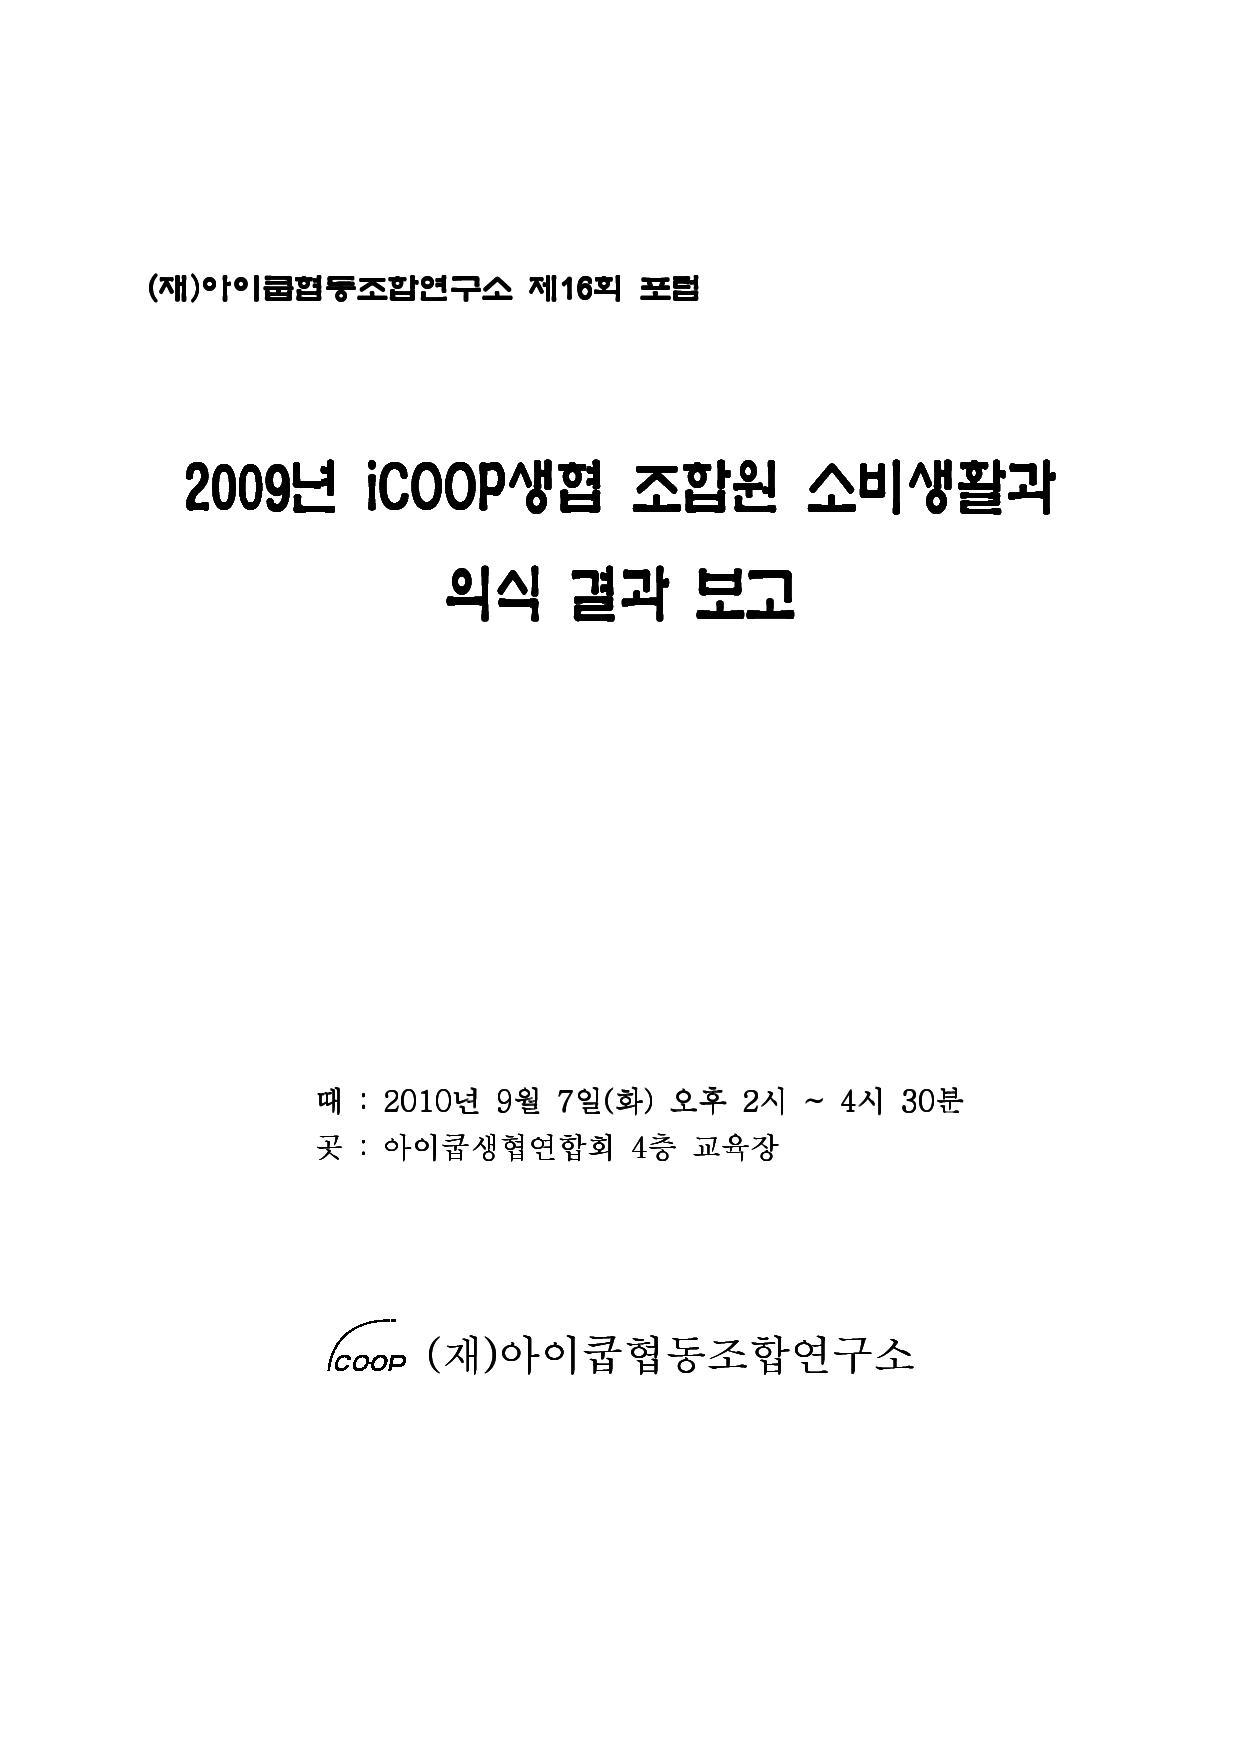 41_(제16회 포럼 자료집) 『2009년 iCOOP생협 조합원 소비생활과 의식 결과 보고』1.jpg